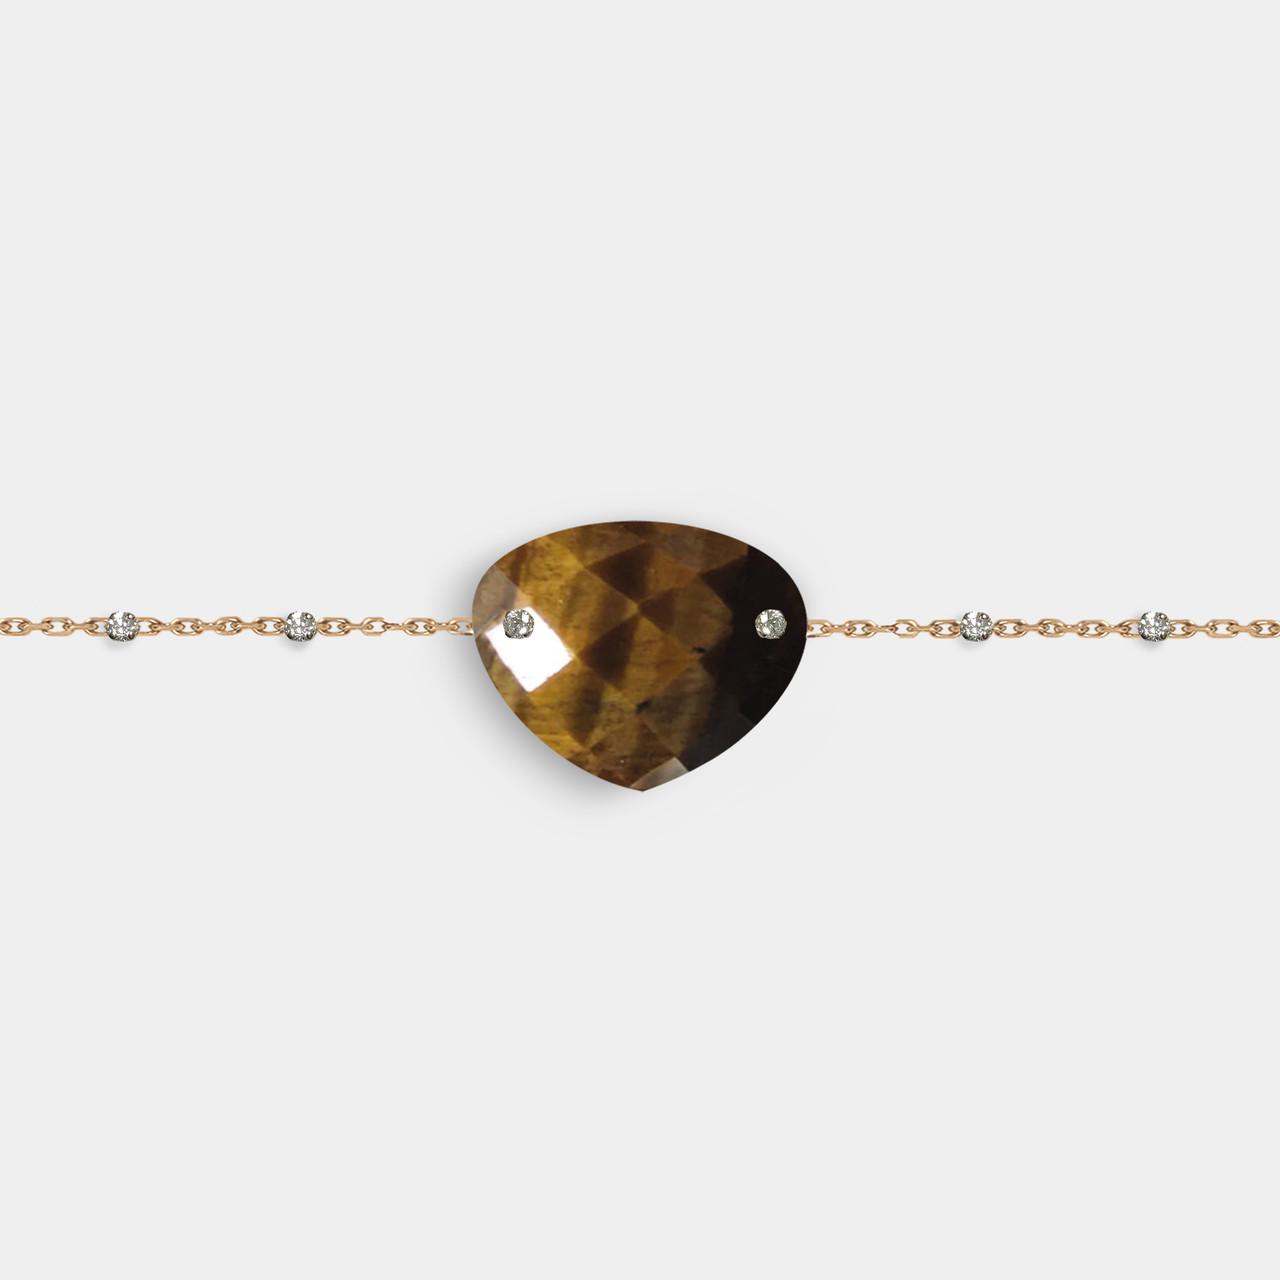 Bracelet Poire Couronne 6 Diamants Oeil de Tigre, Bracelet Femme Oeil de Tigre